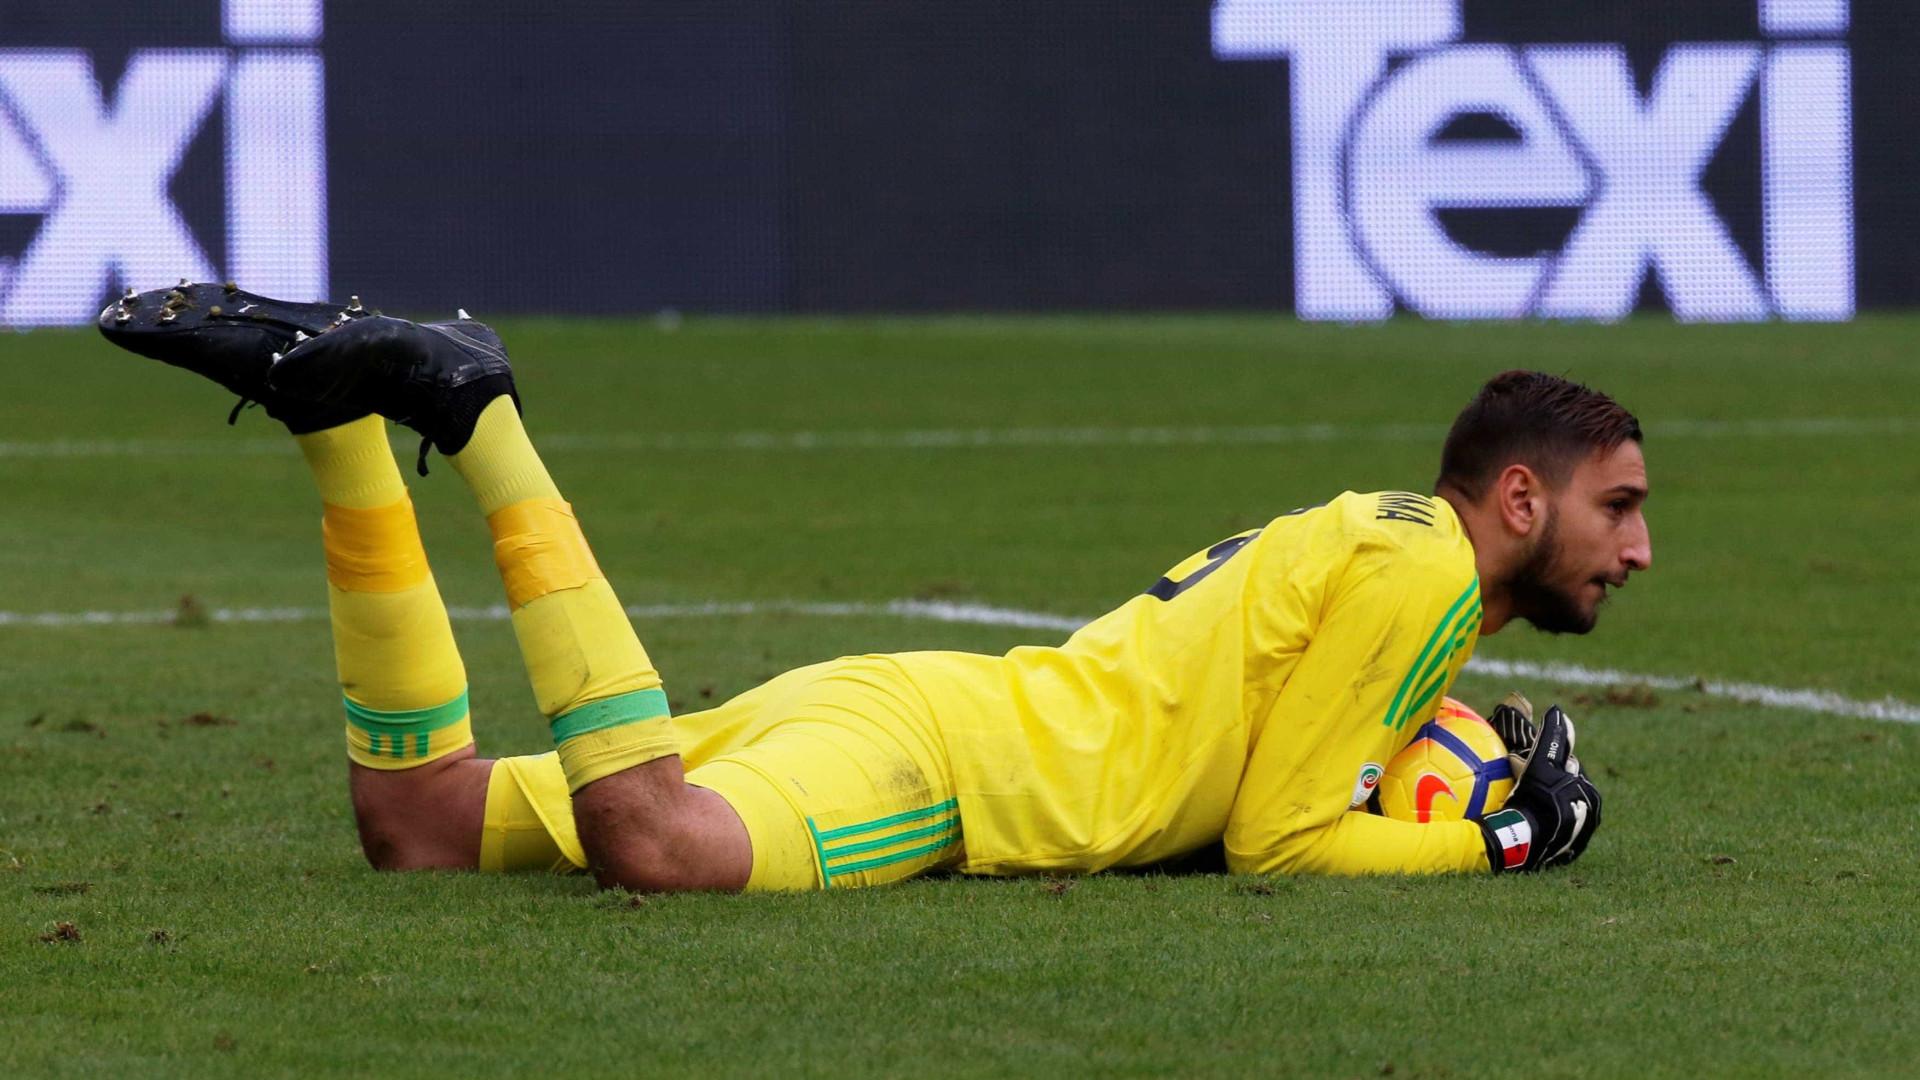 Torcida do Milan xinga e pede saída do goleiro Donnarumma após rumores